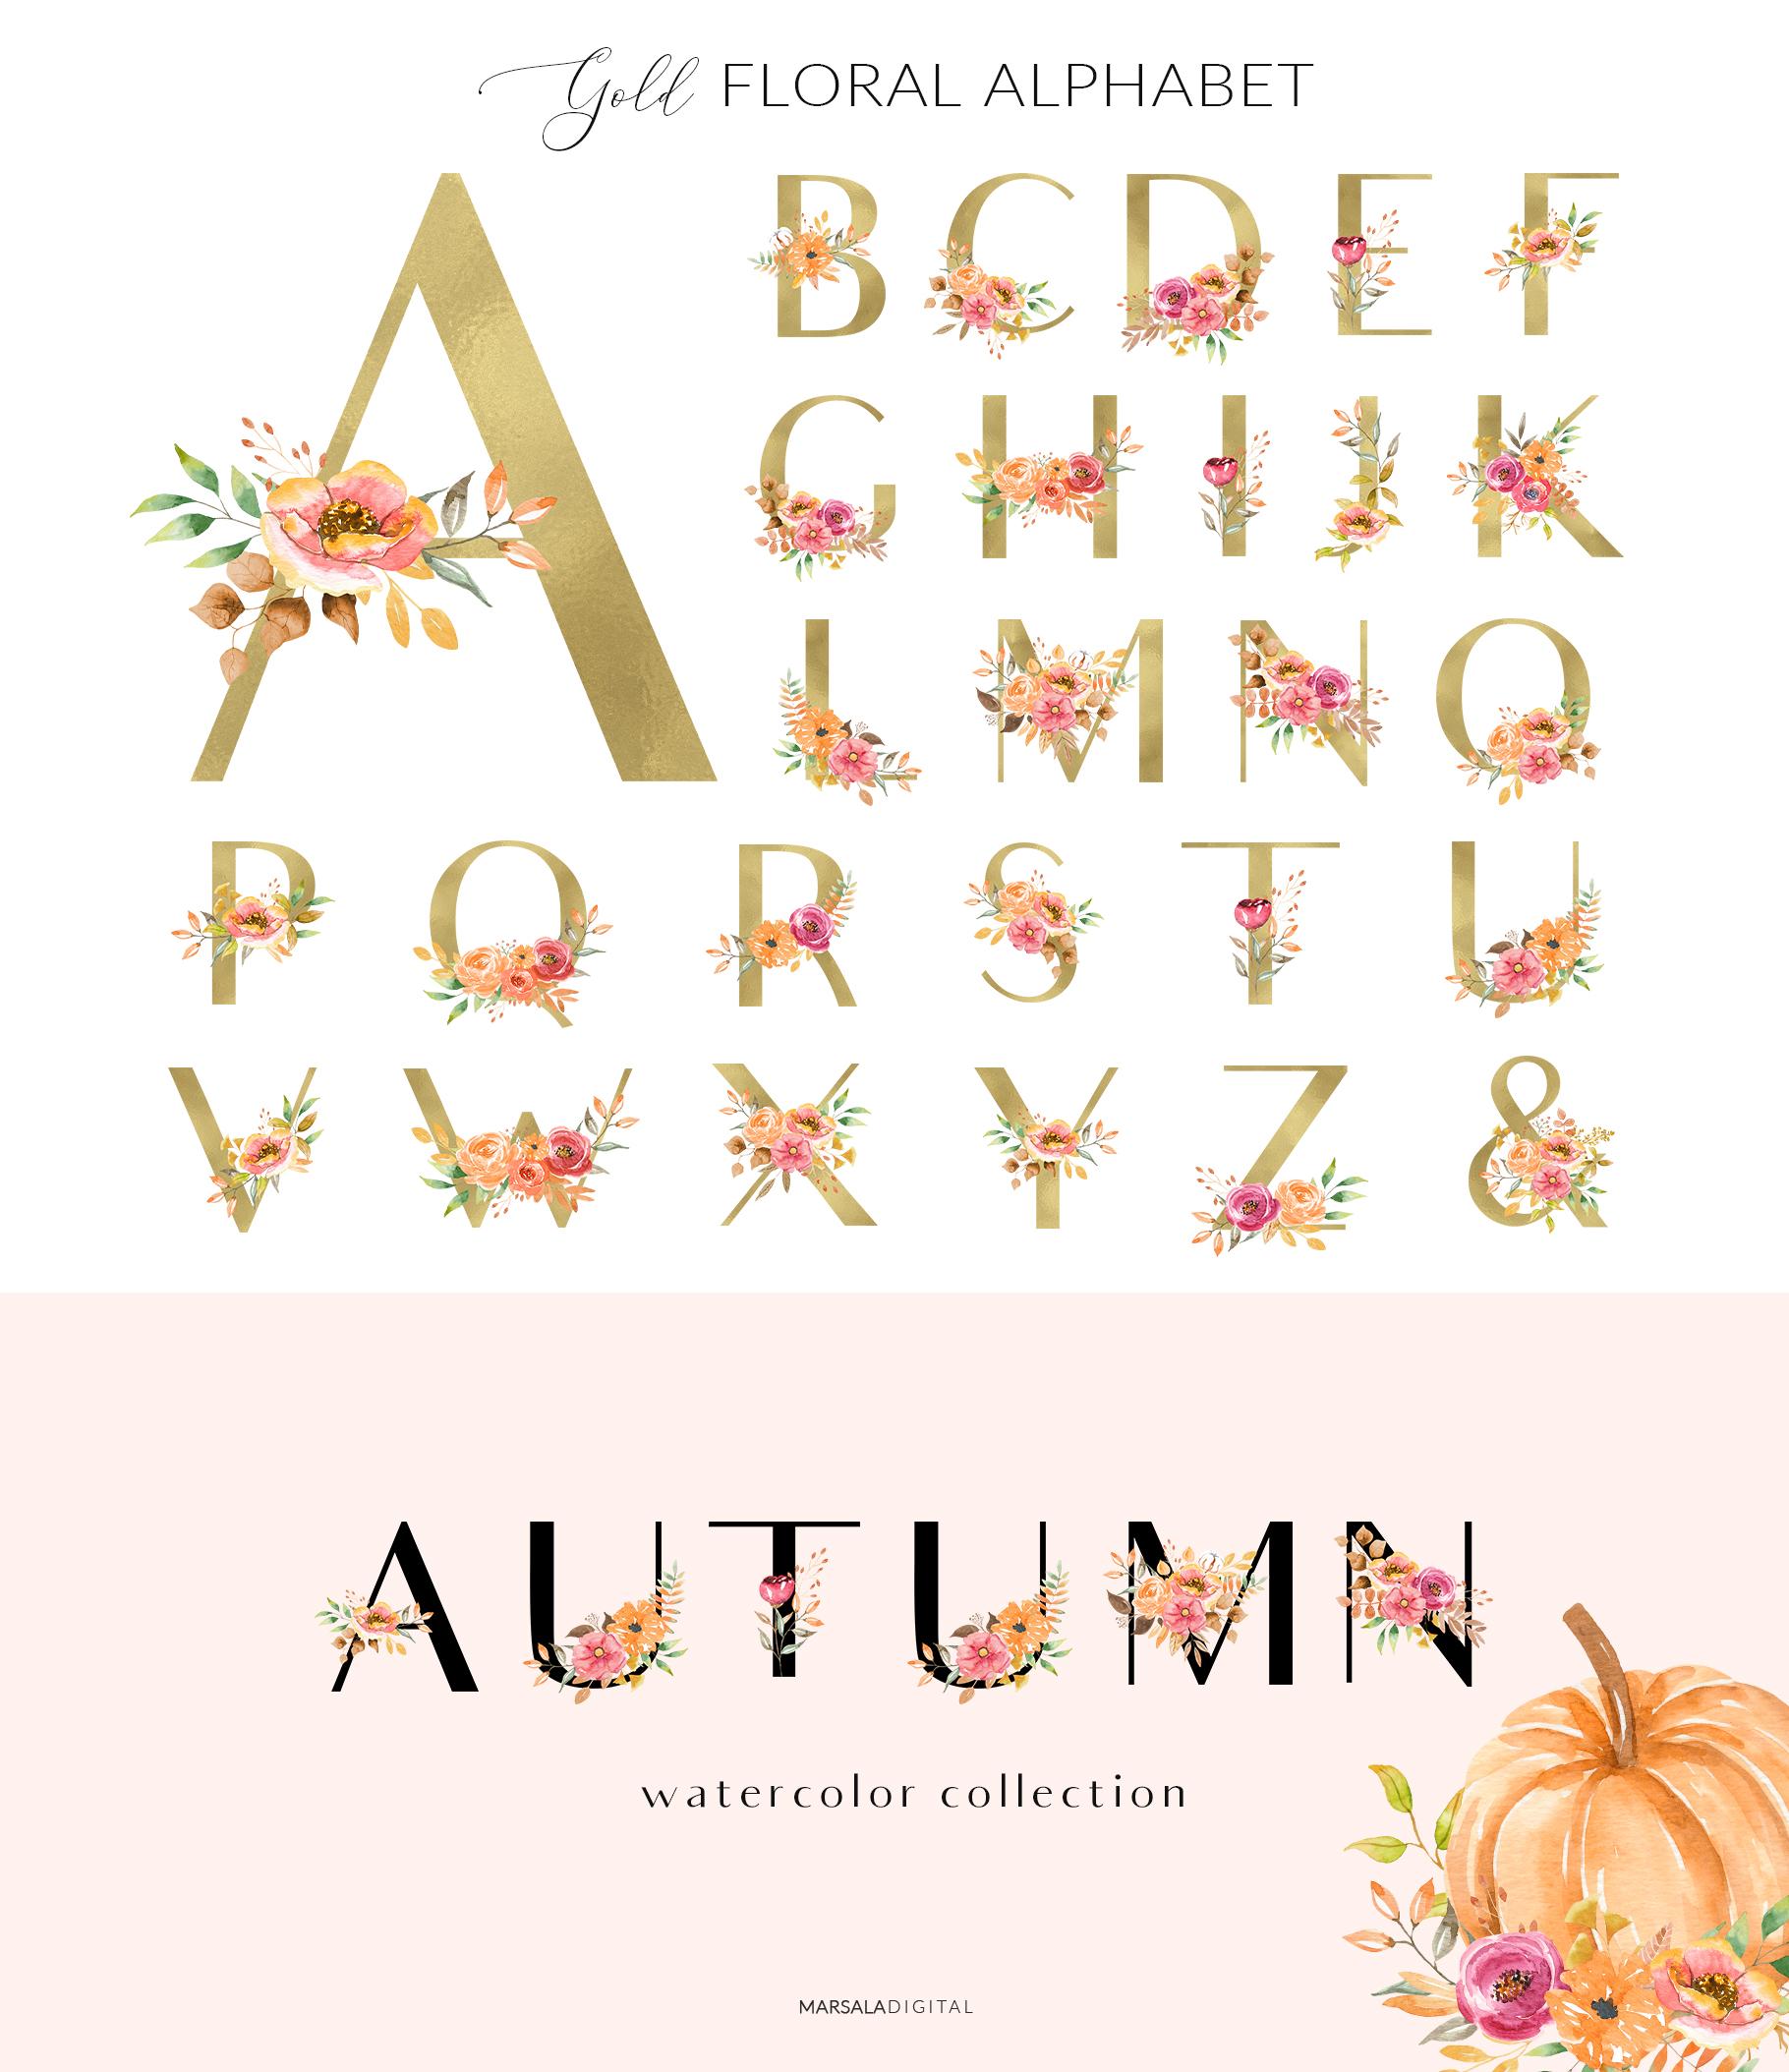 Autumn Watercolor Collection Pumpkins Arrangements example image 7